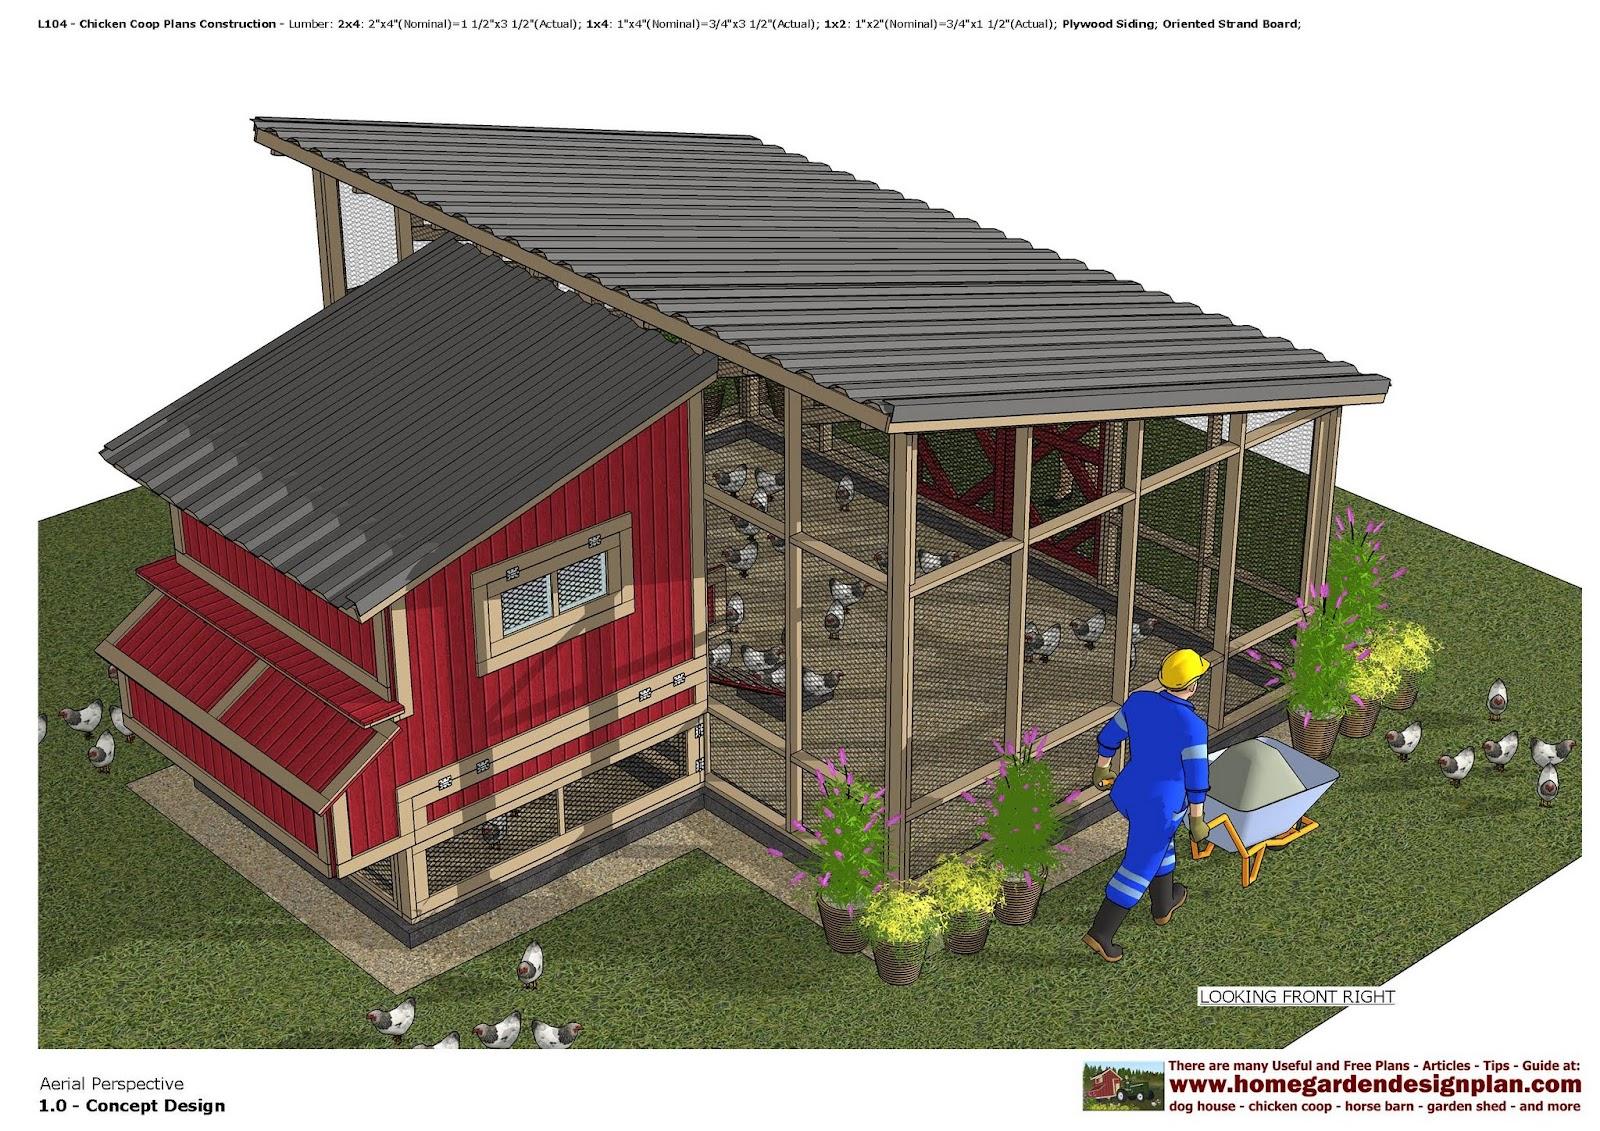 home garden plans: en Coops on